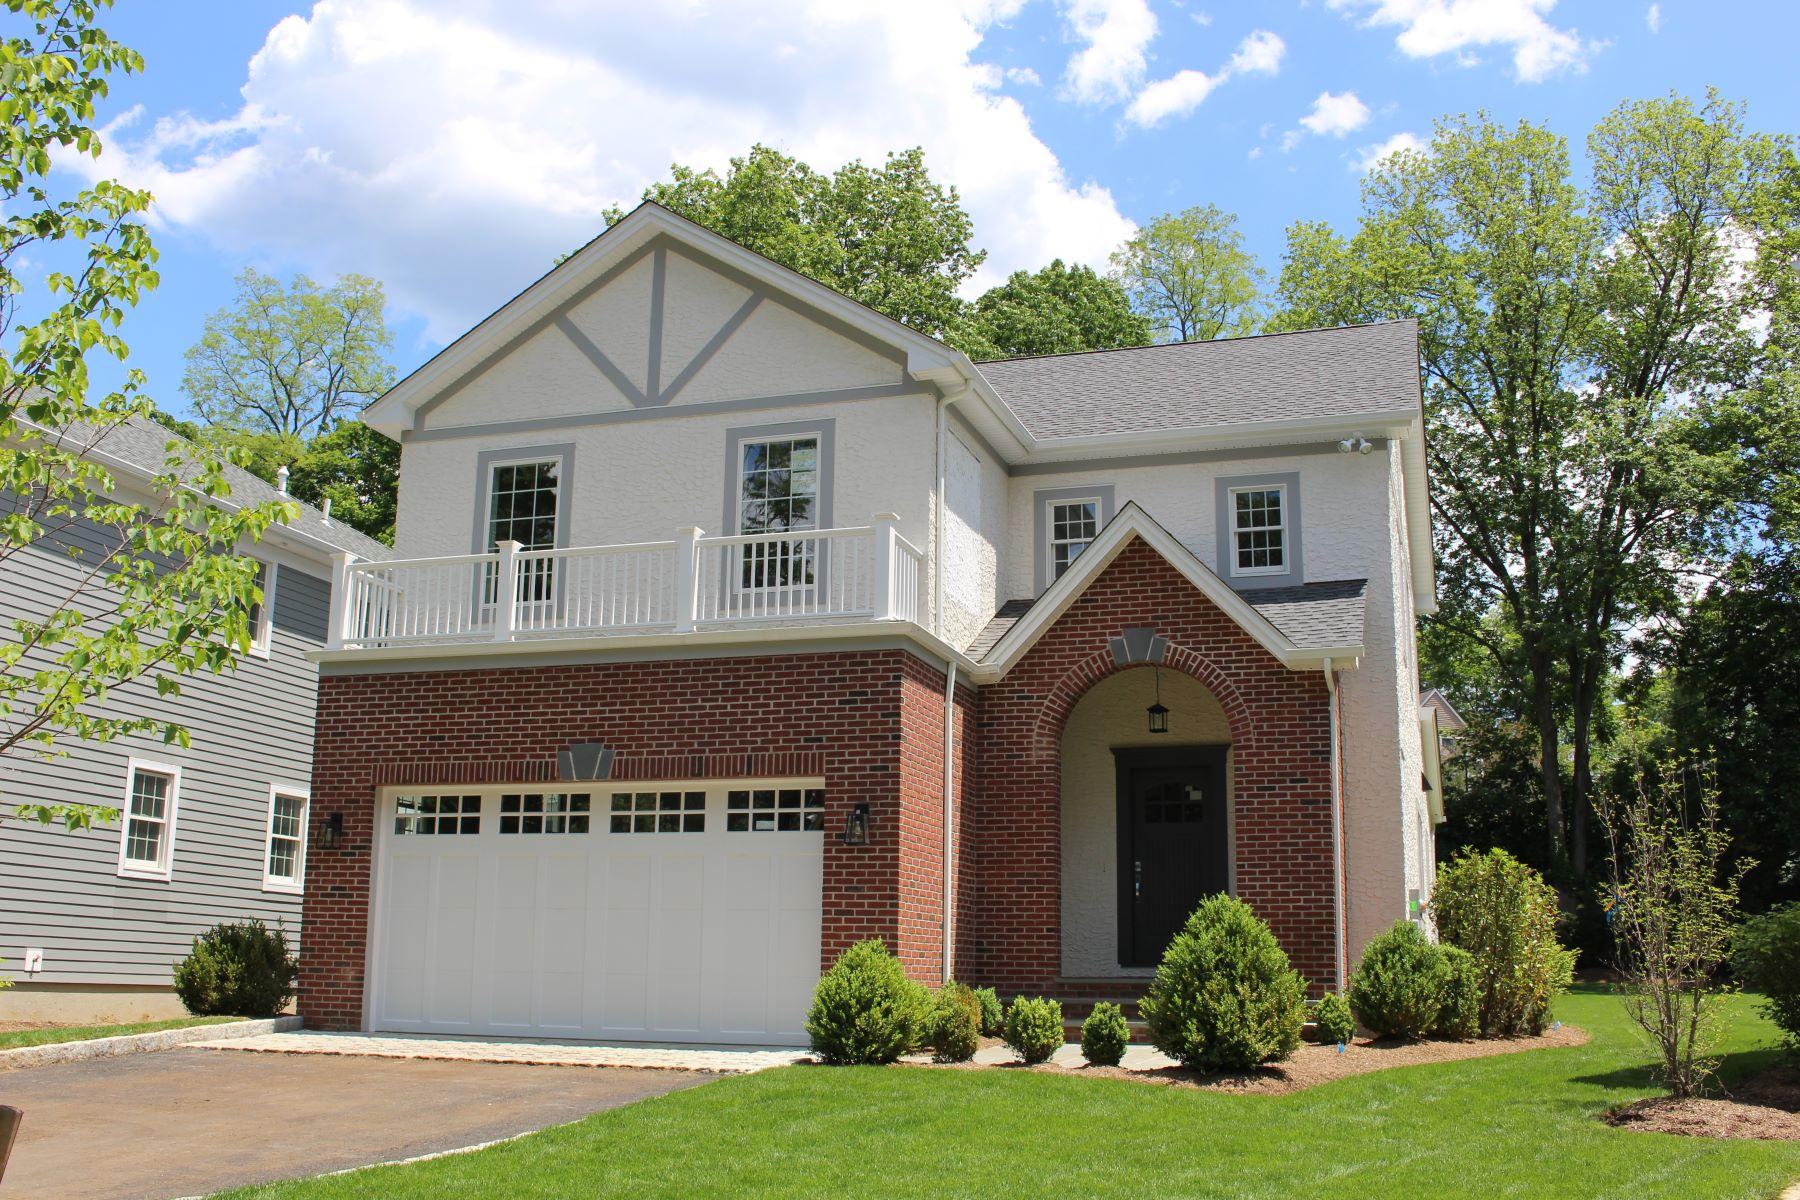 Casa Unifamiliar por un Alquiler en 1019 Grove Street 1019 Grove Street Mamaroneck, Nueva York 10543 Estados Unidos